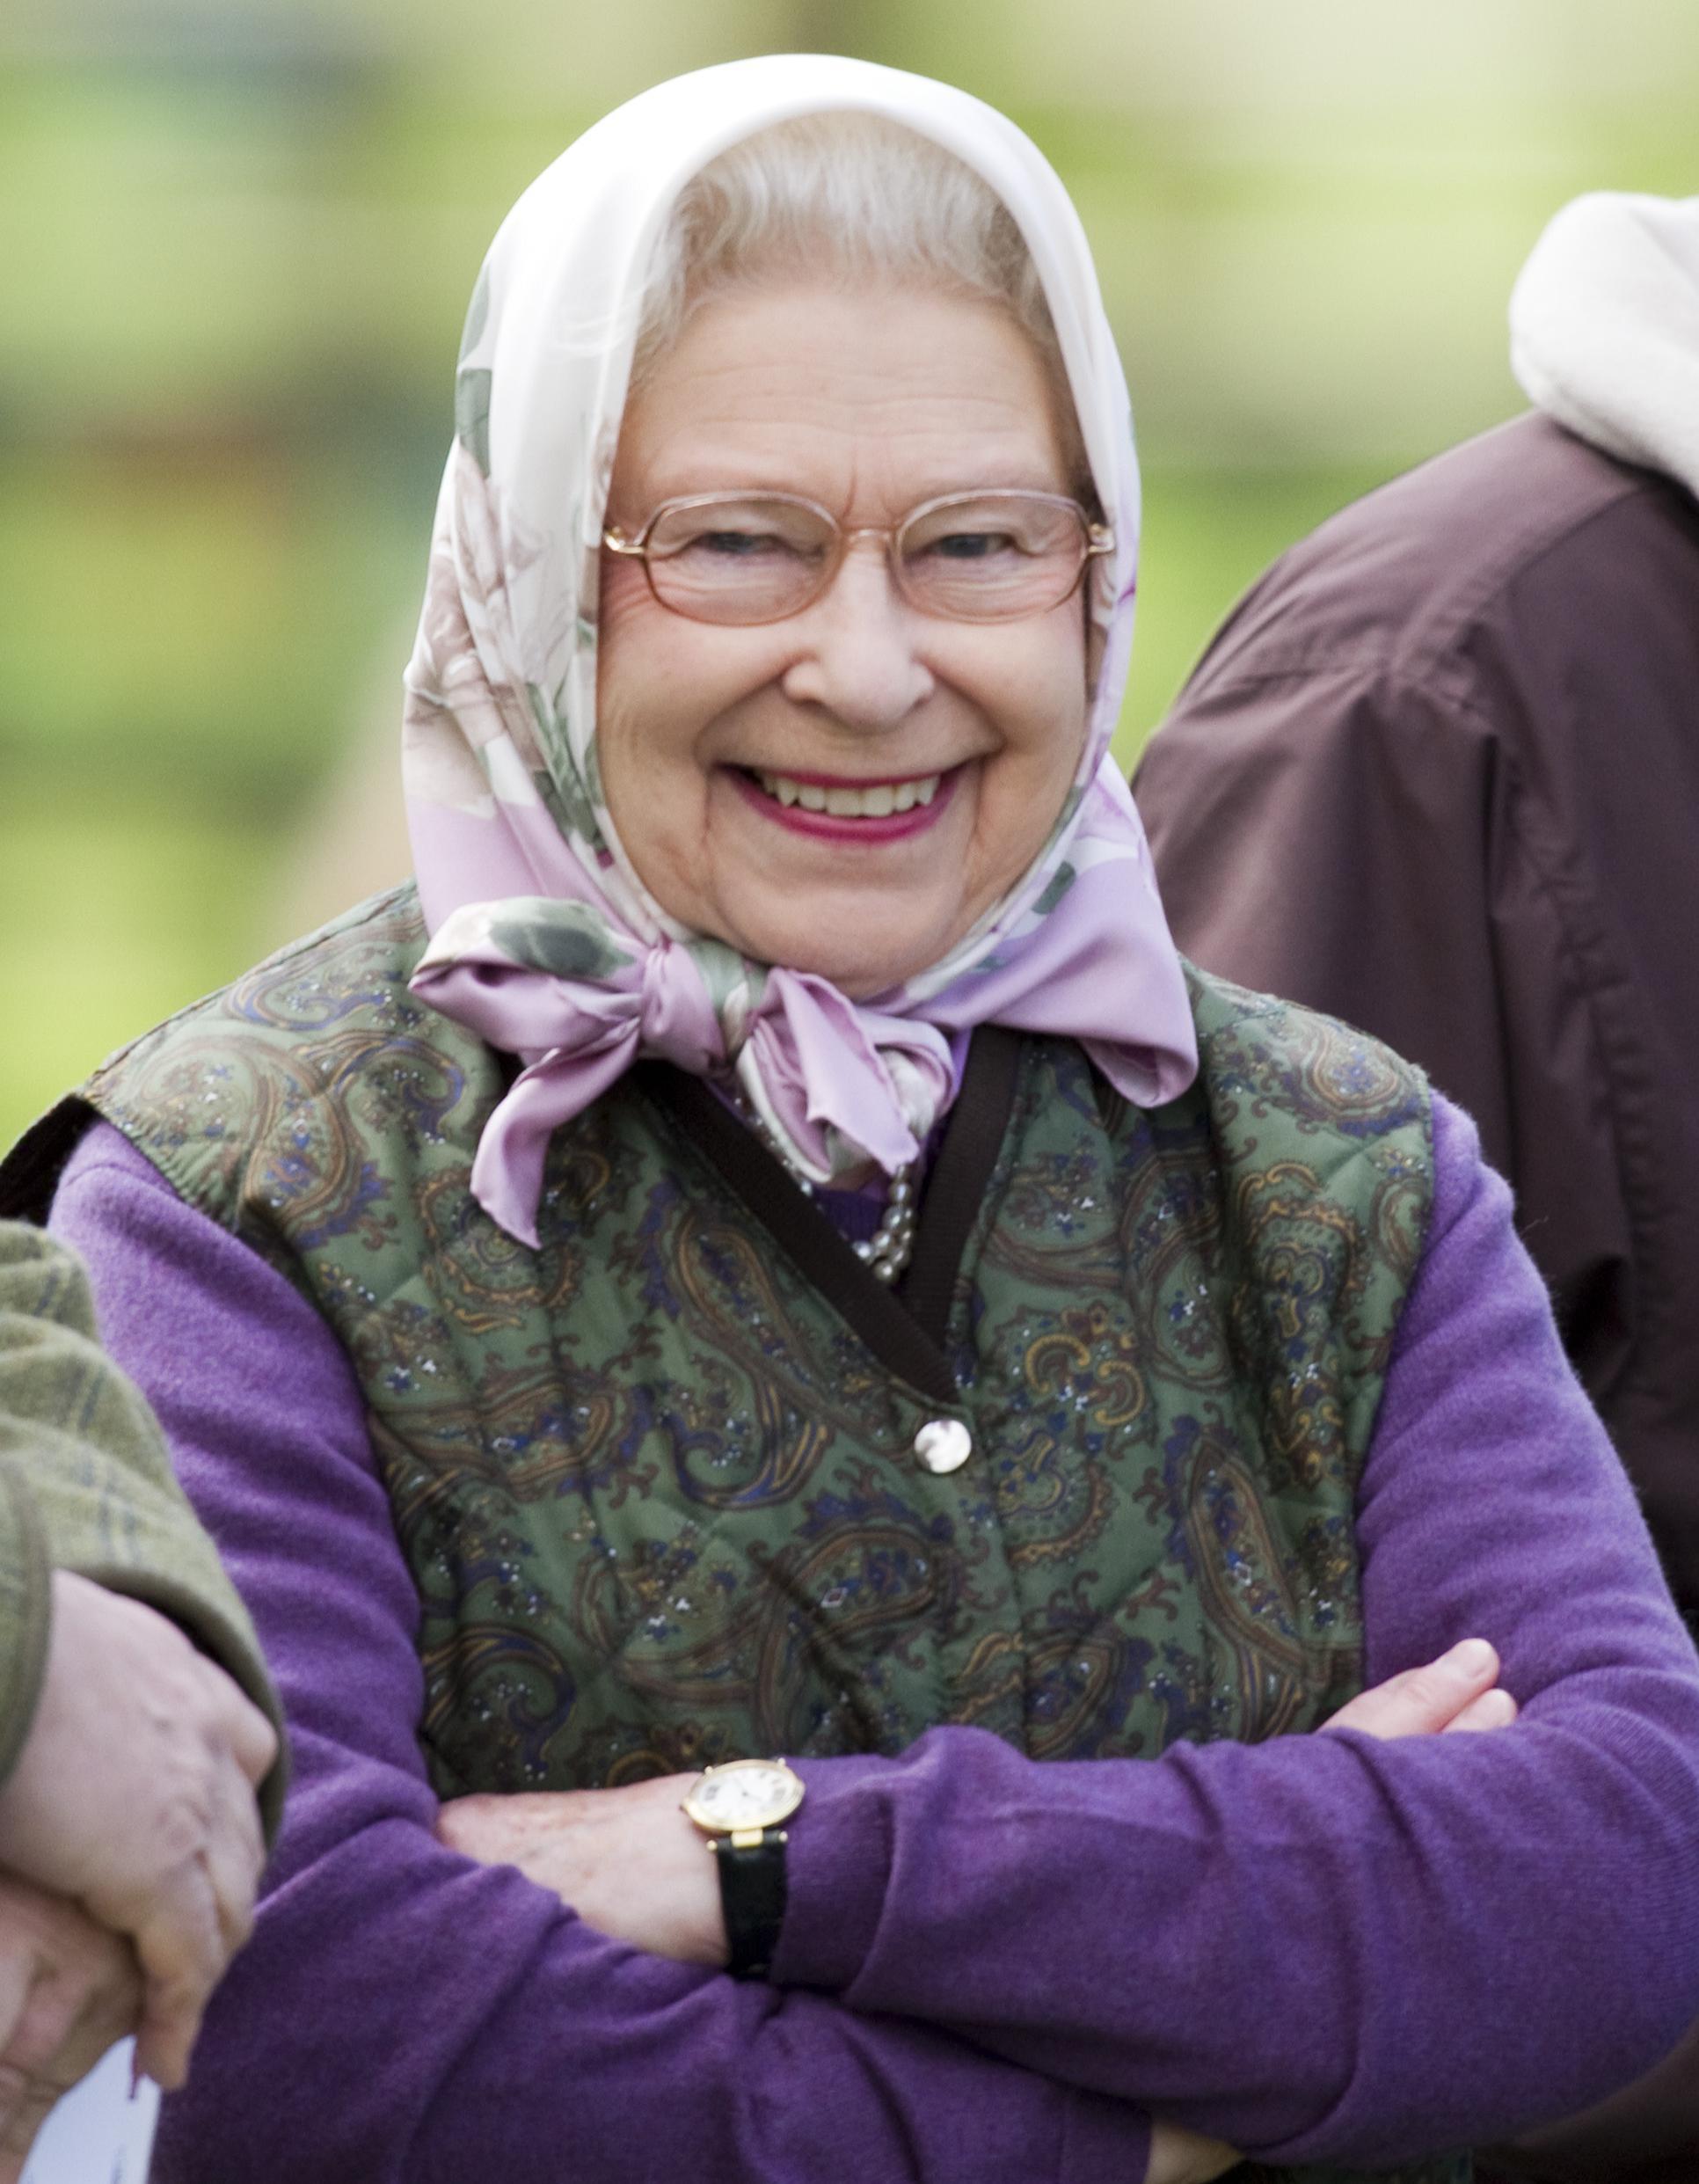 La blague de la reine elizabeth un touriste am ricain elle - Image de reine ...